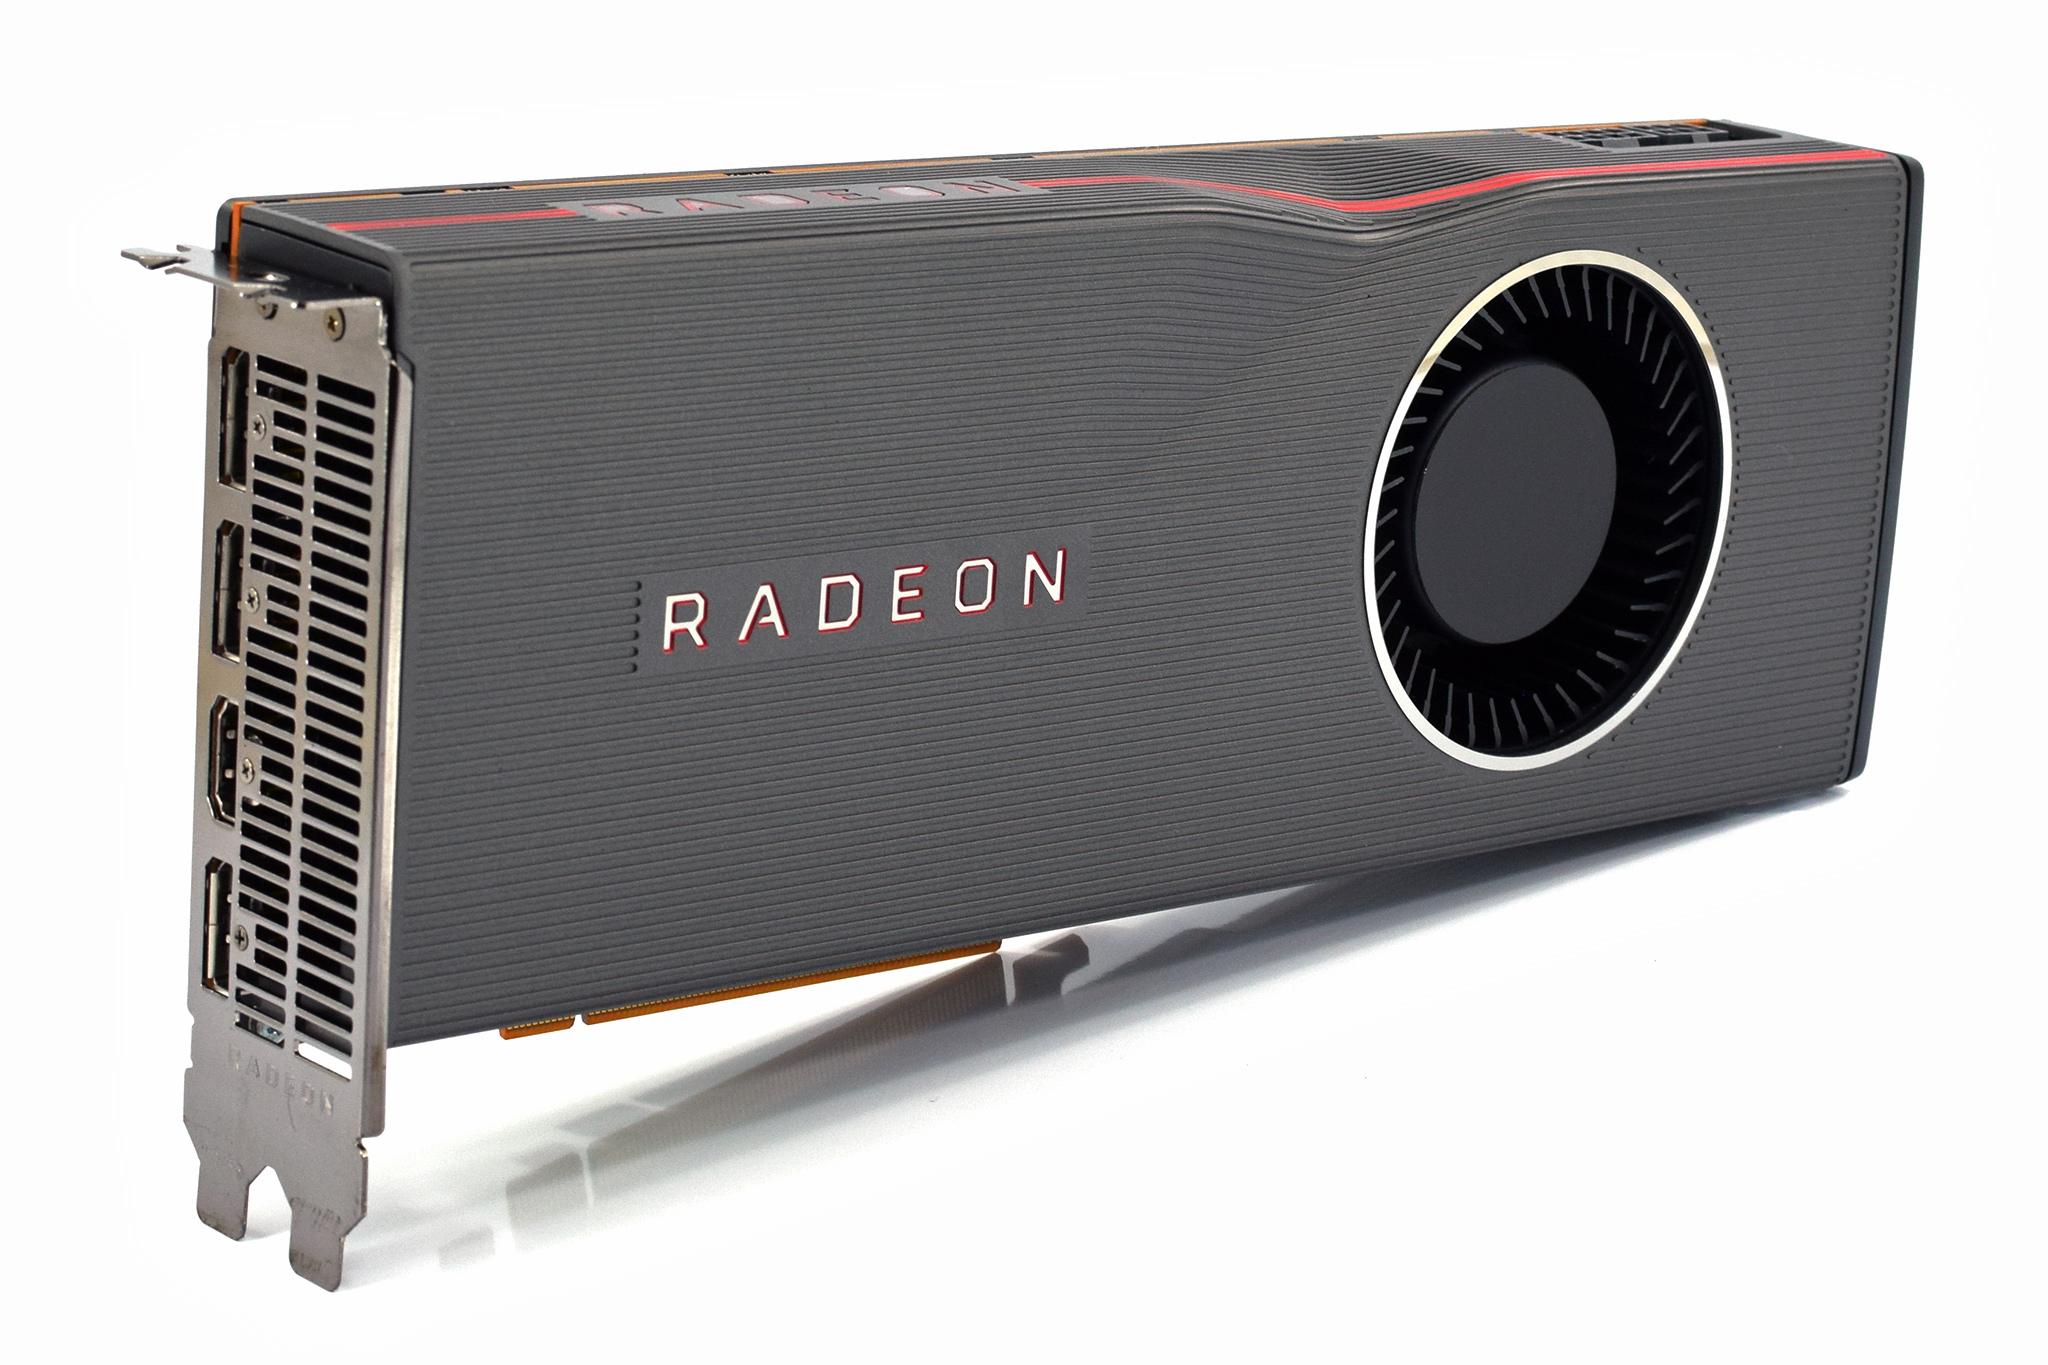 AMD Radeon RX 5700 XT 8GB Review | KitGuru